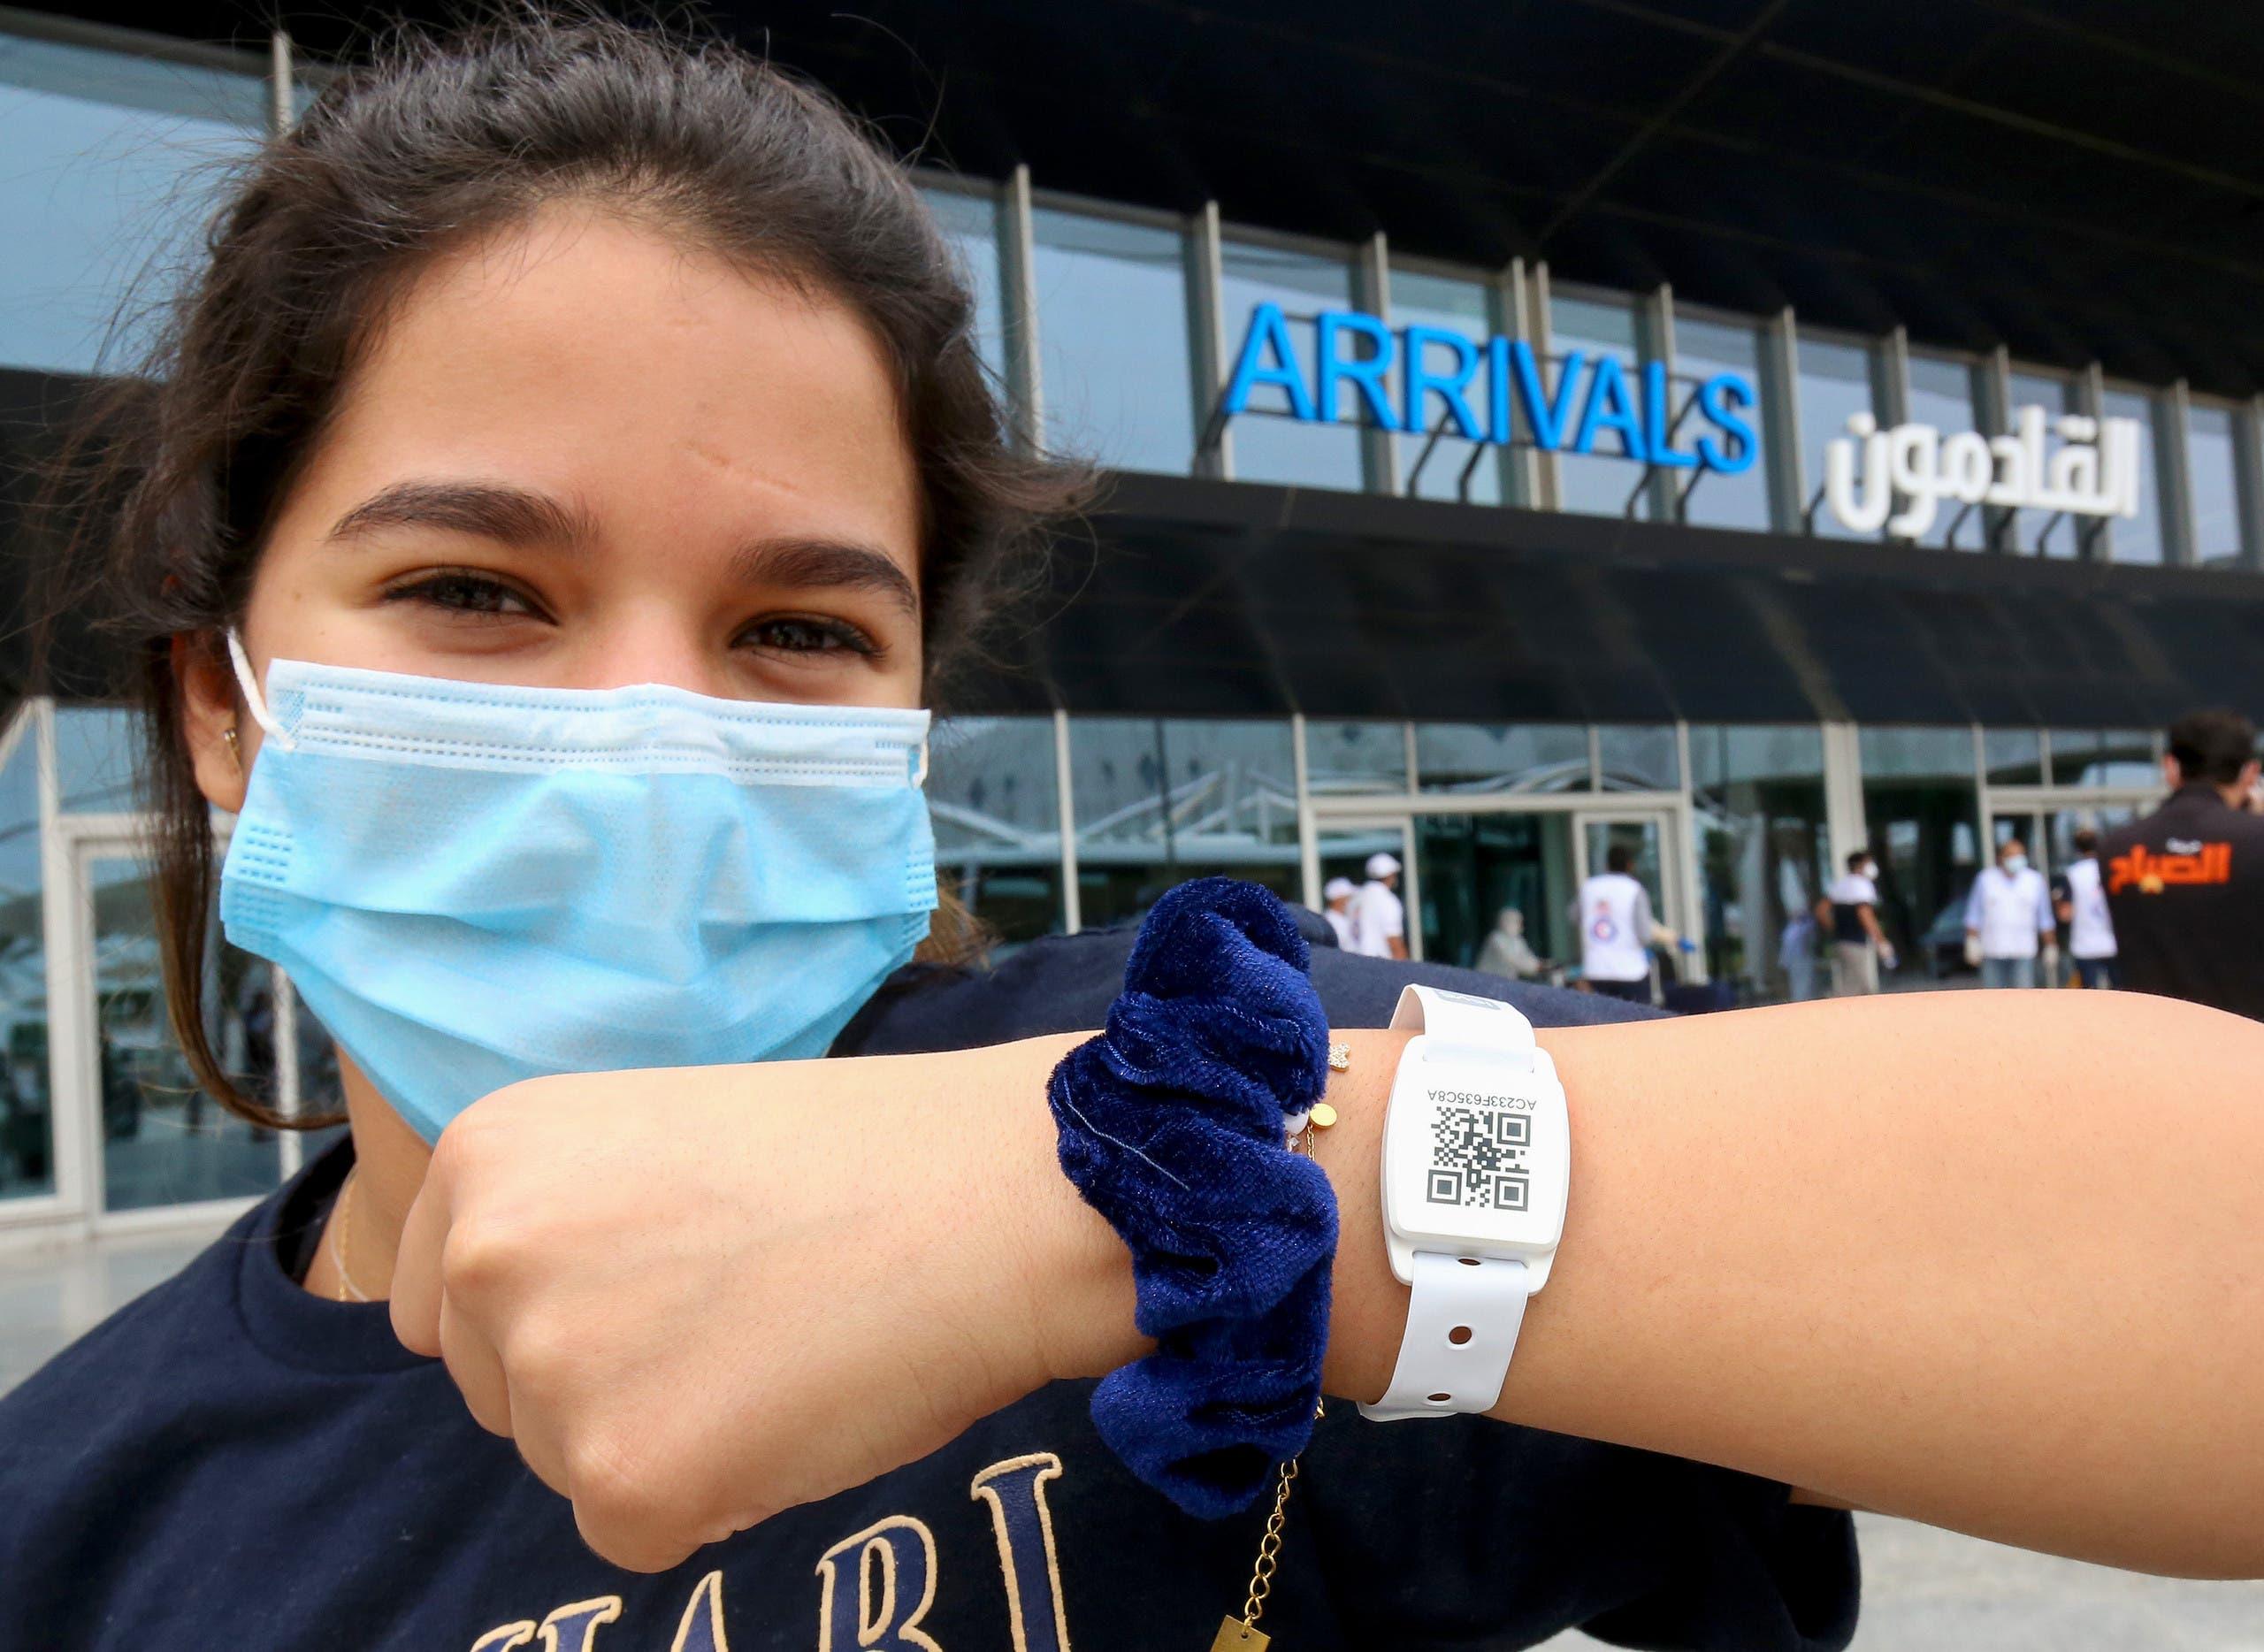 فتاة كويتية عادت لبلادها برحلة إجلاء ترتدي سواراً يتعقب حراكاتها لمنع تفشي الفيروس